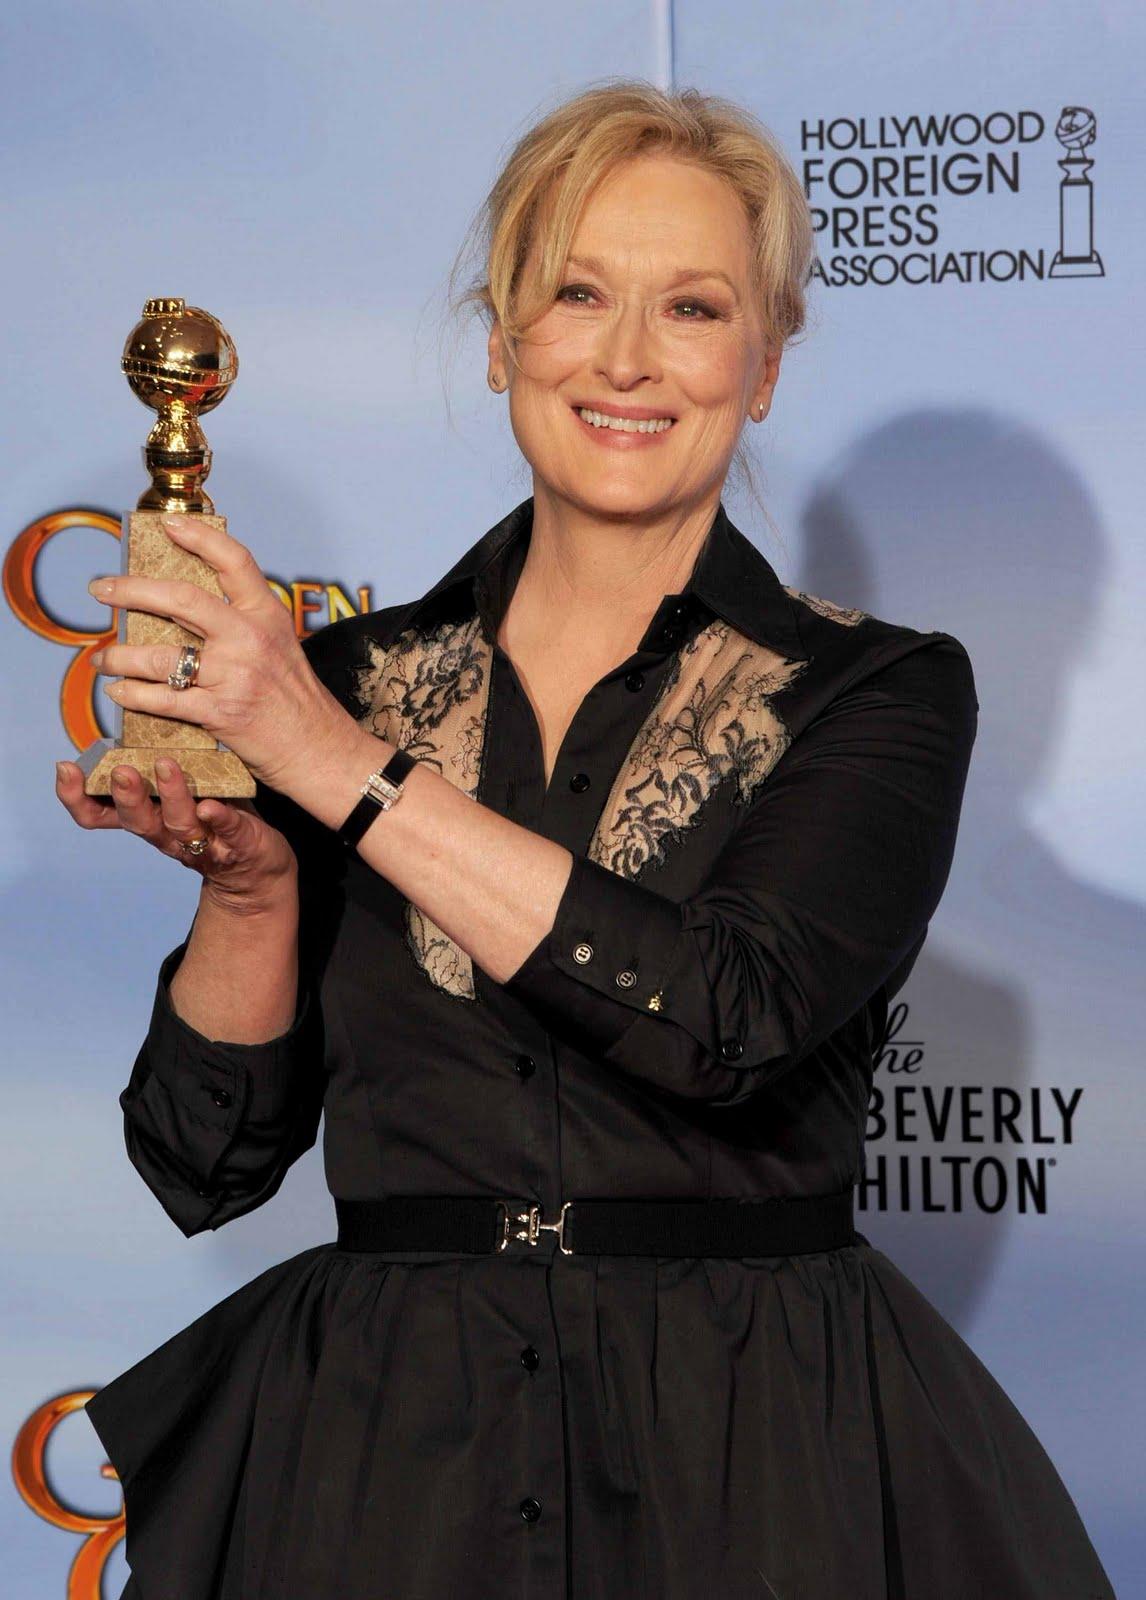 http://1.bp.blogspot.com/-r37acIosRWQ/UEZl3D6edsI/AAAAAAAAAes/pLvFtg-M18E/s1600/Meryl+Streep.jpg